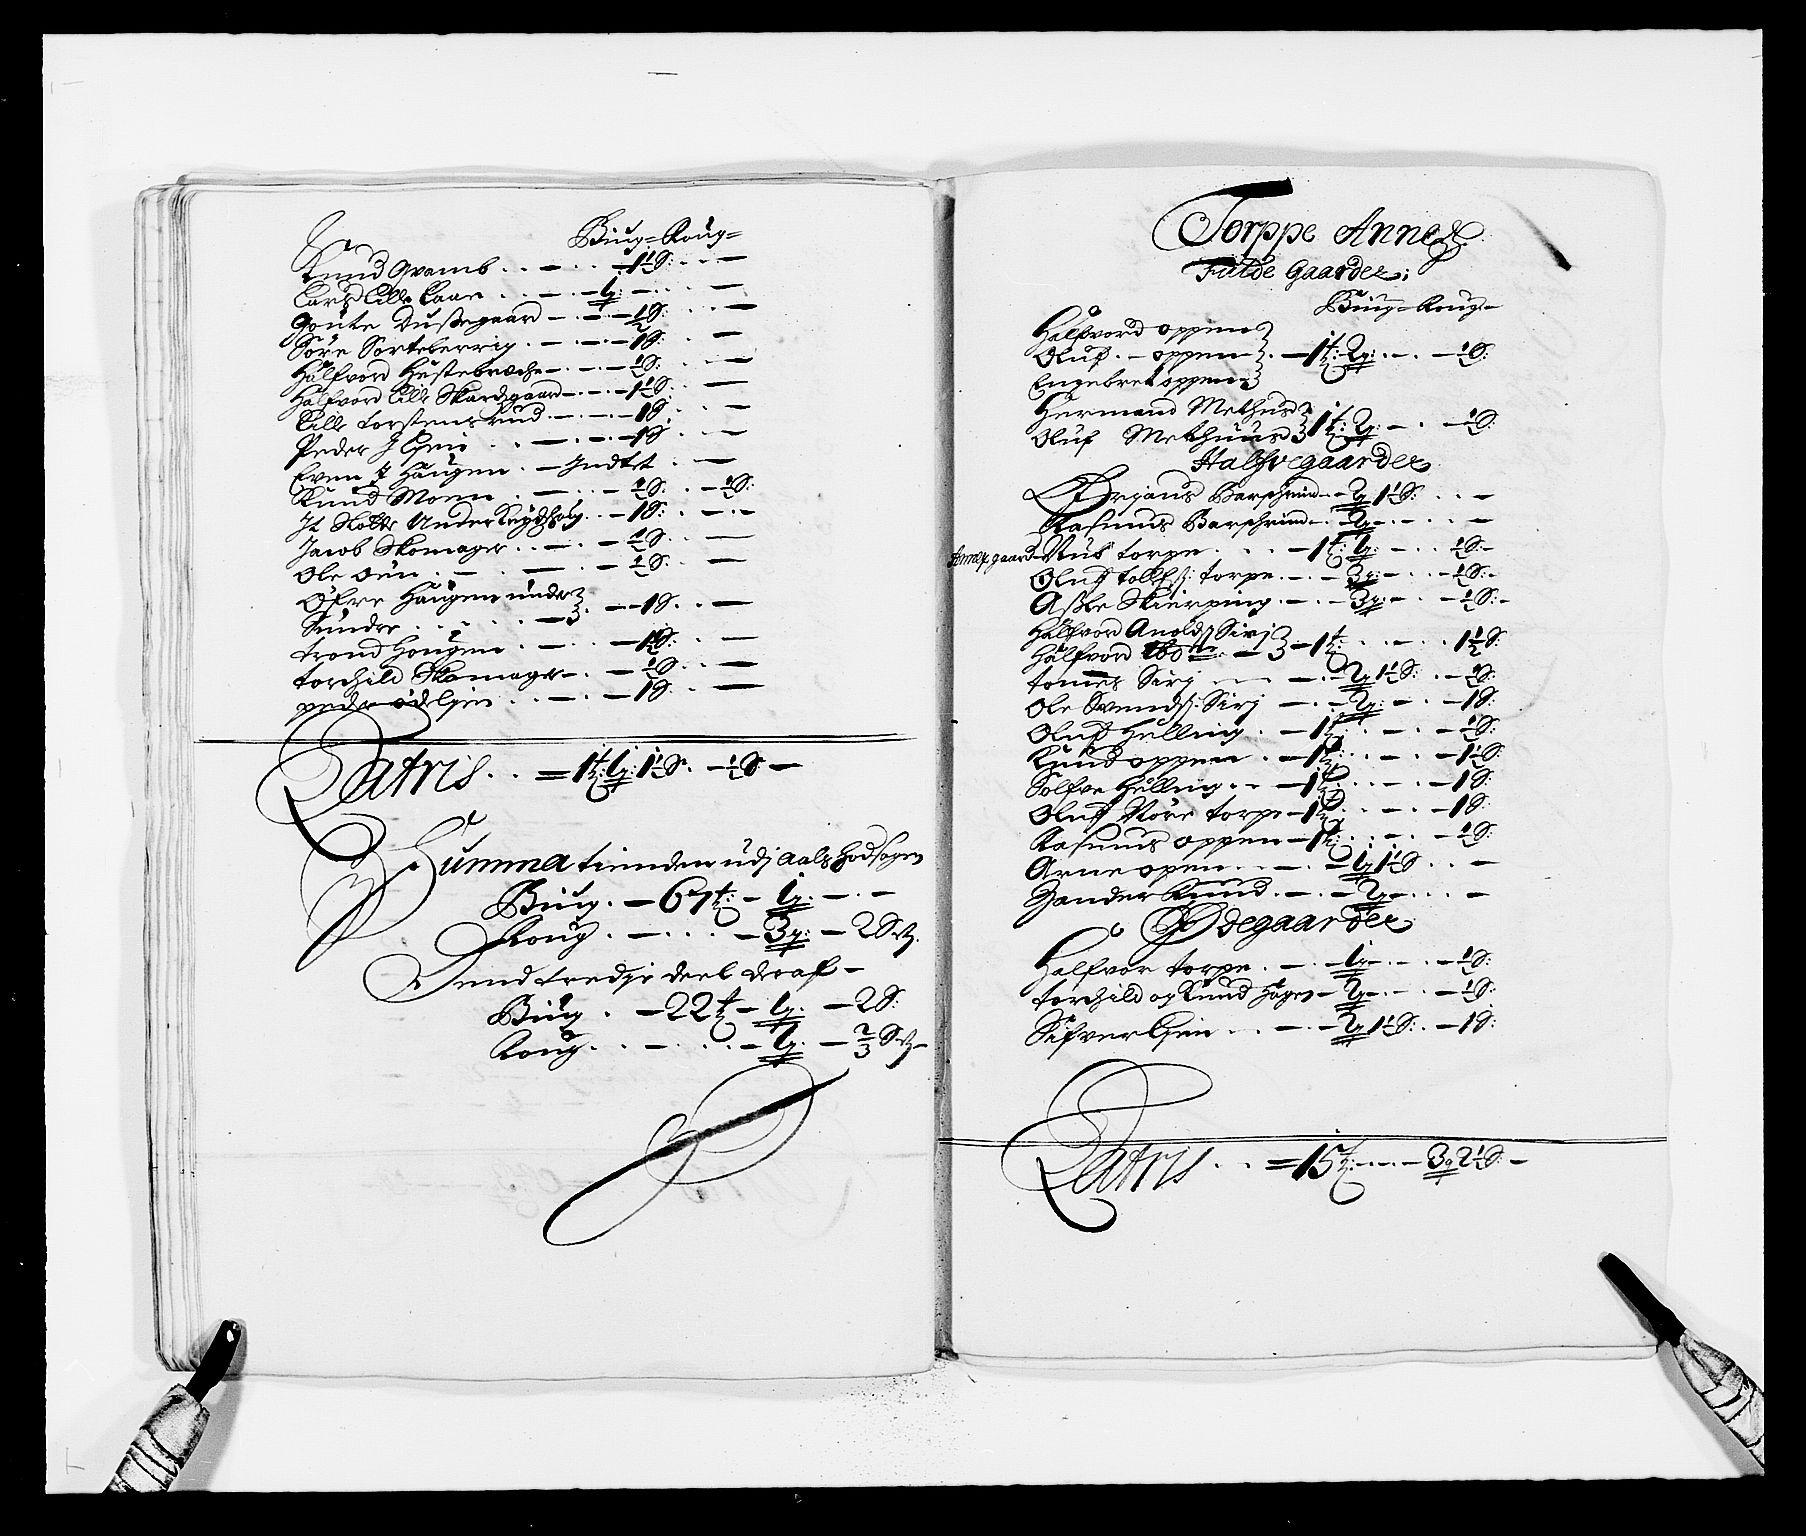 RA, Rentekammeret inntil 1814, Reviderte regnskaper, Fogderegnskap, R21/L1447: Fogderegnskap Ringerike og Hallingdal, 1687-1689, s. 262